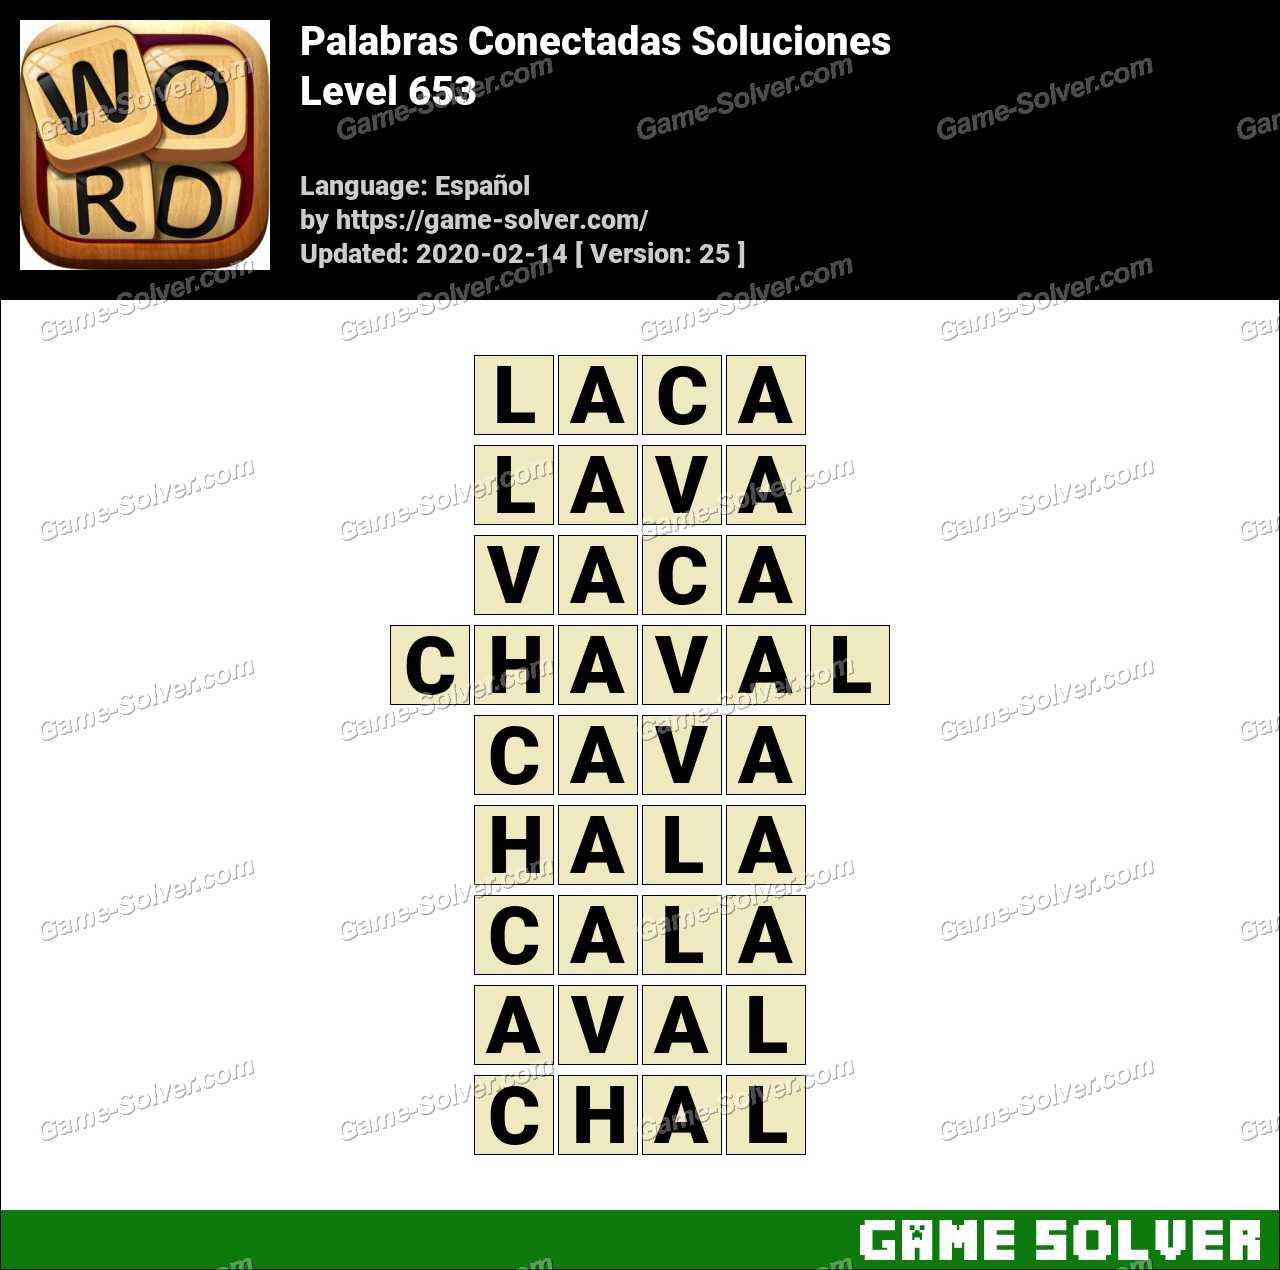 Palabras Conectadas Nivel 653 Soluciones